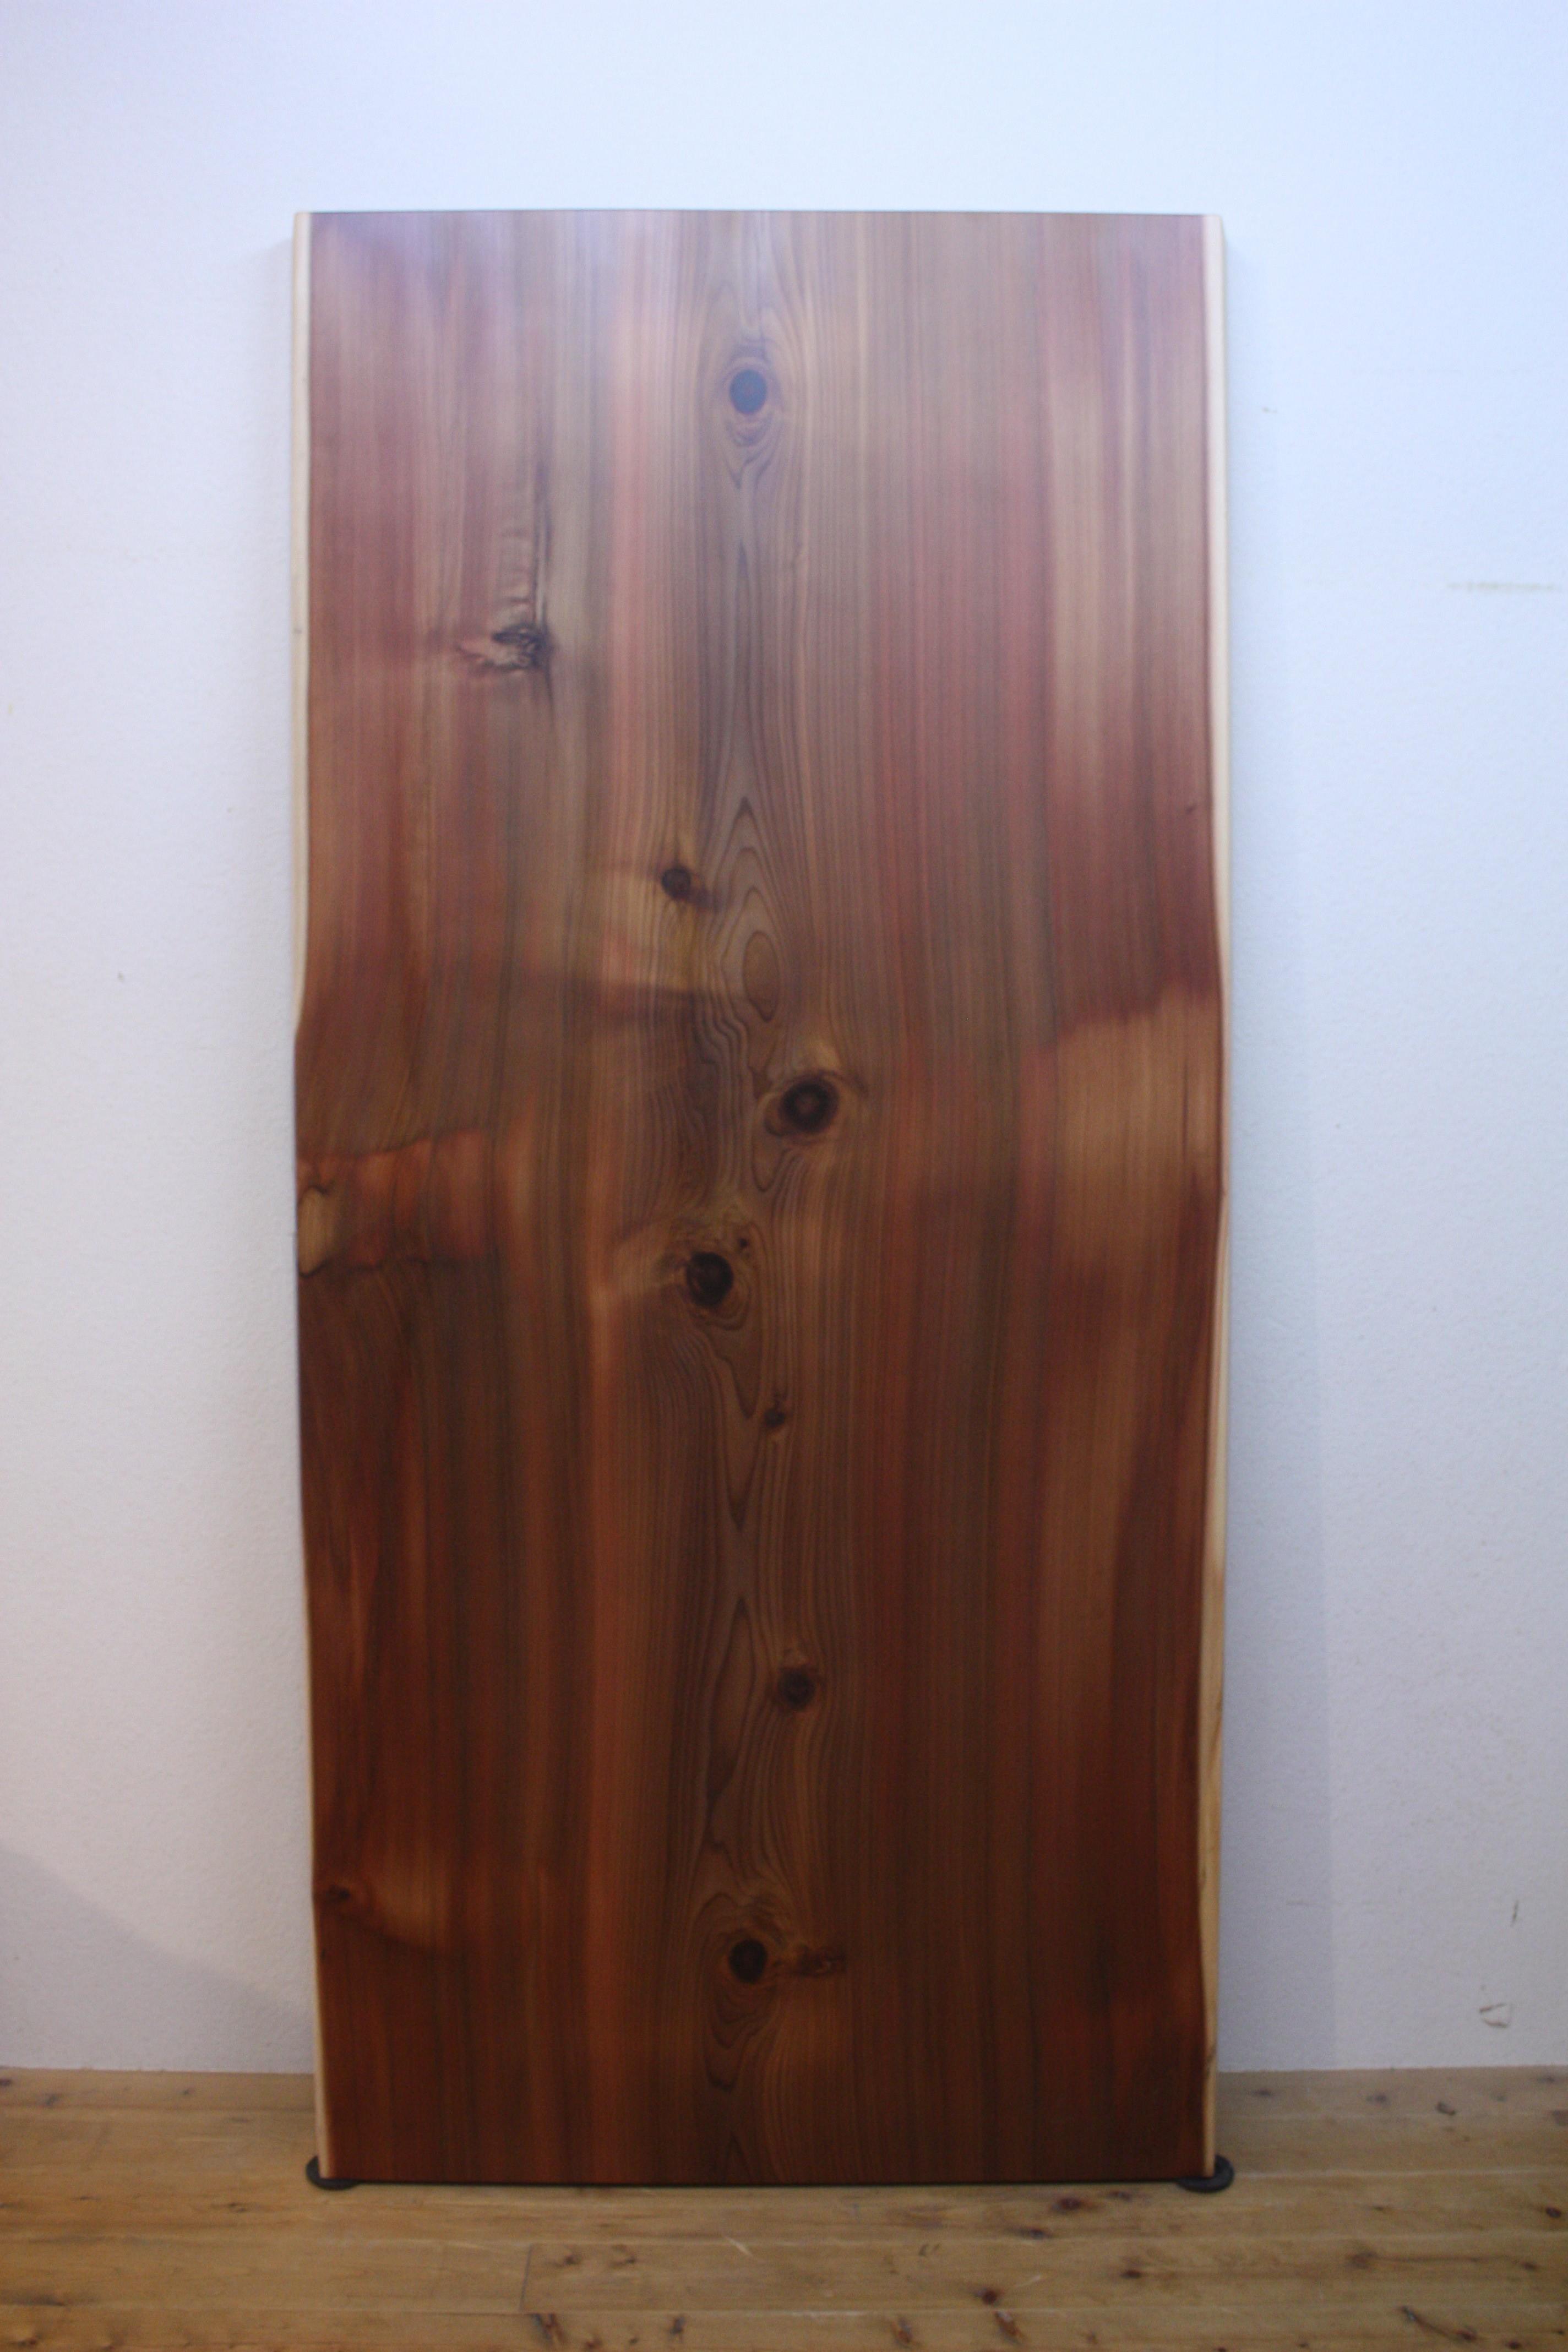 吉野杉一枚板ss-07